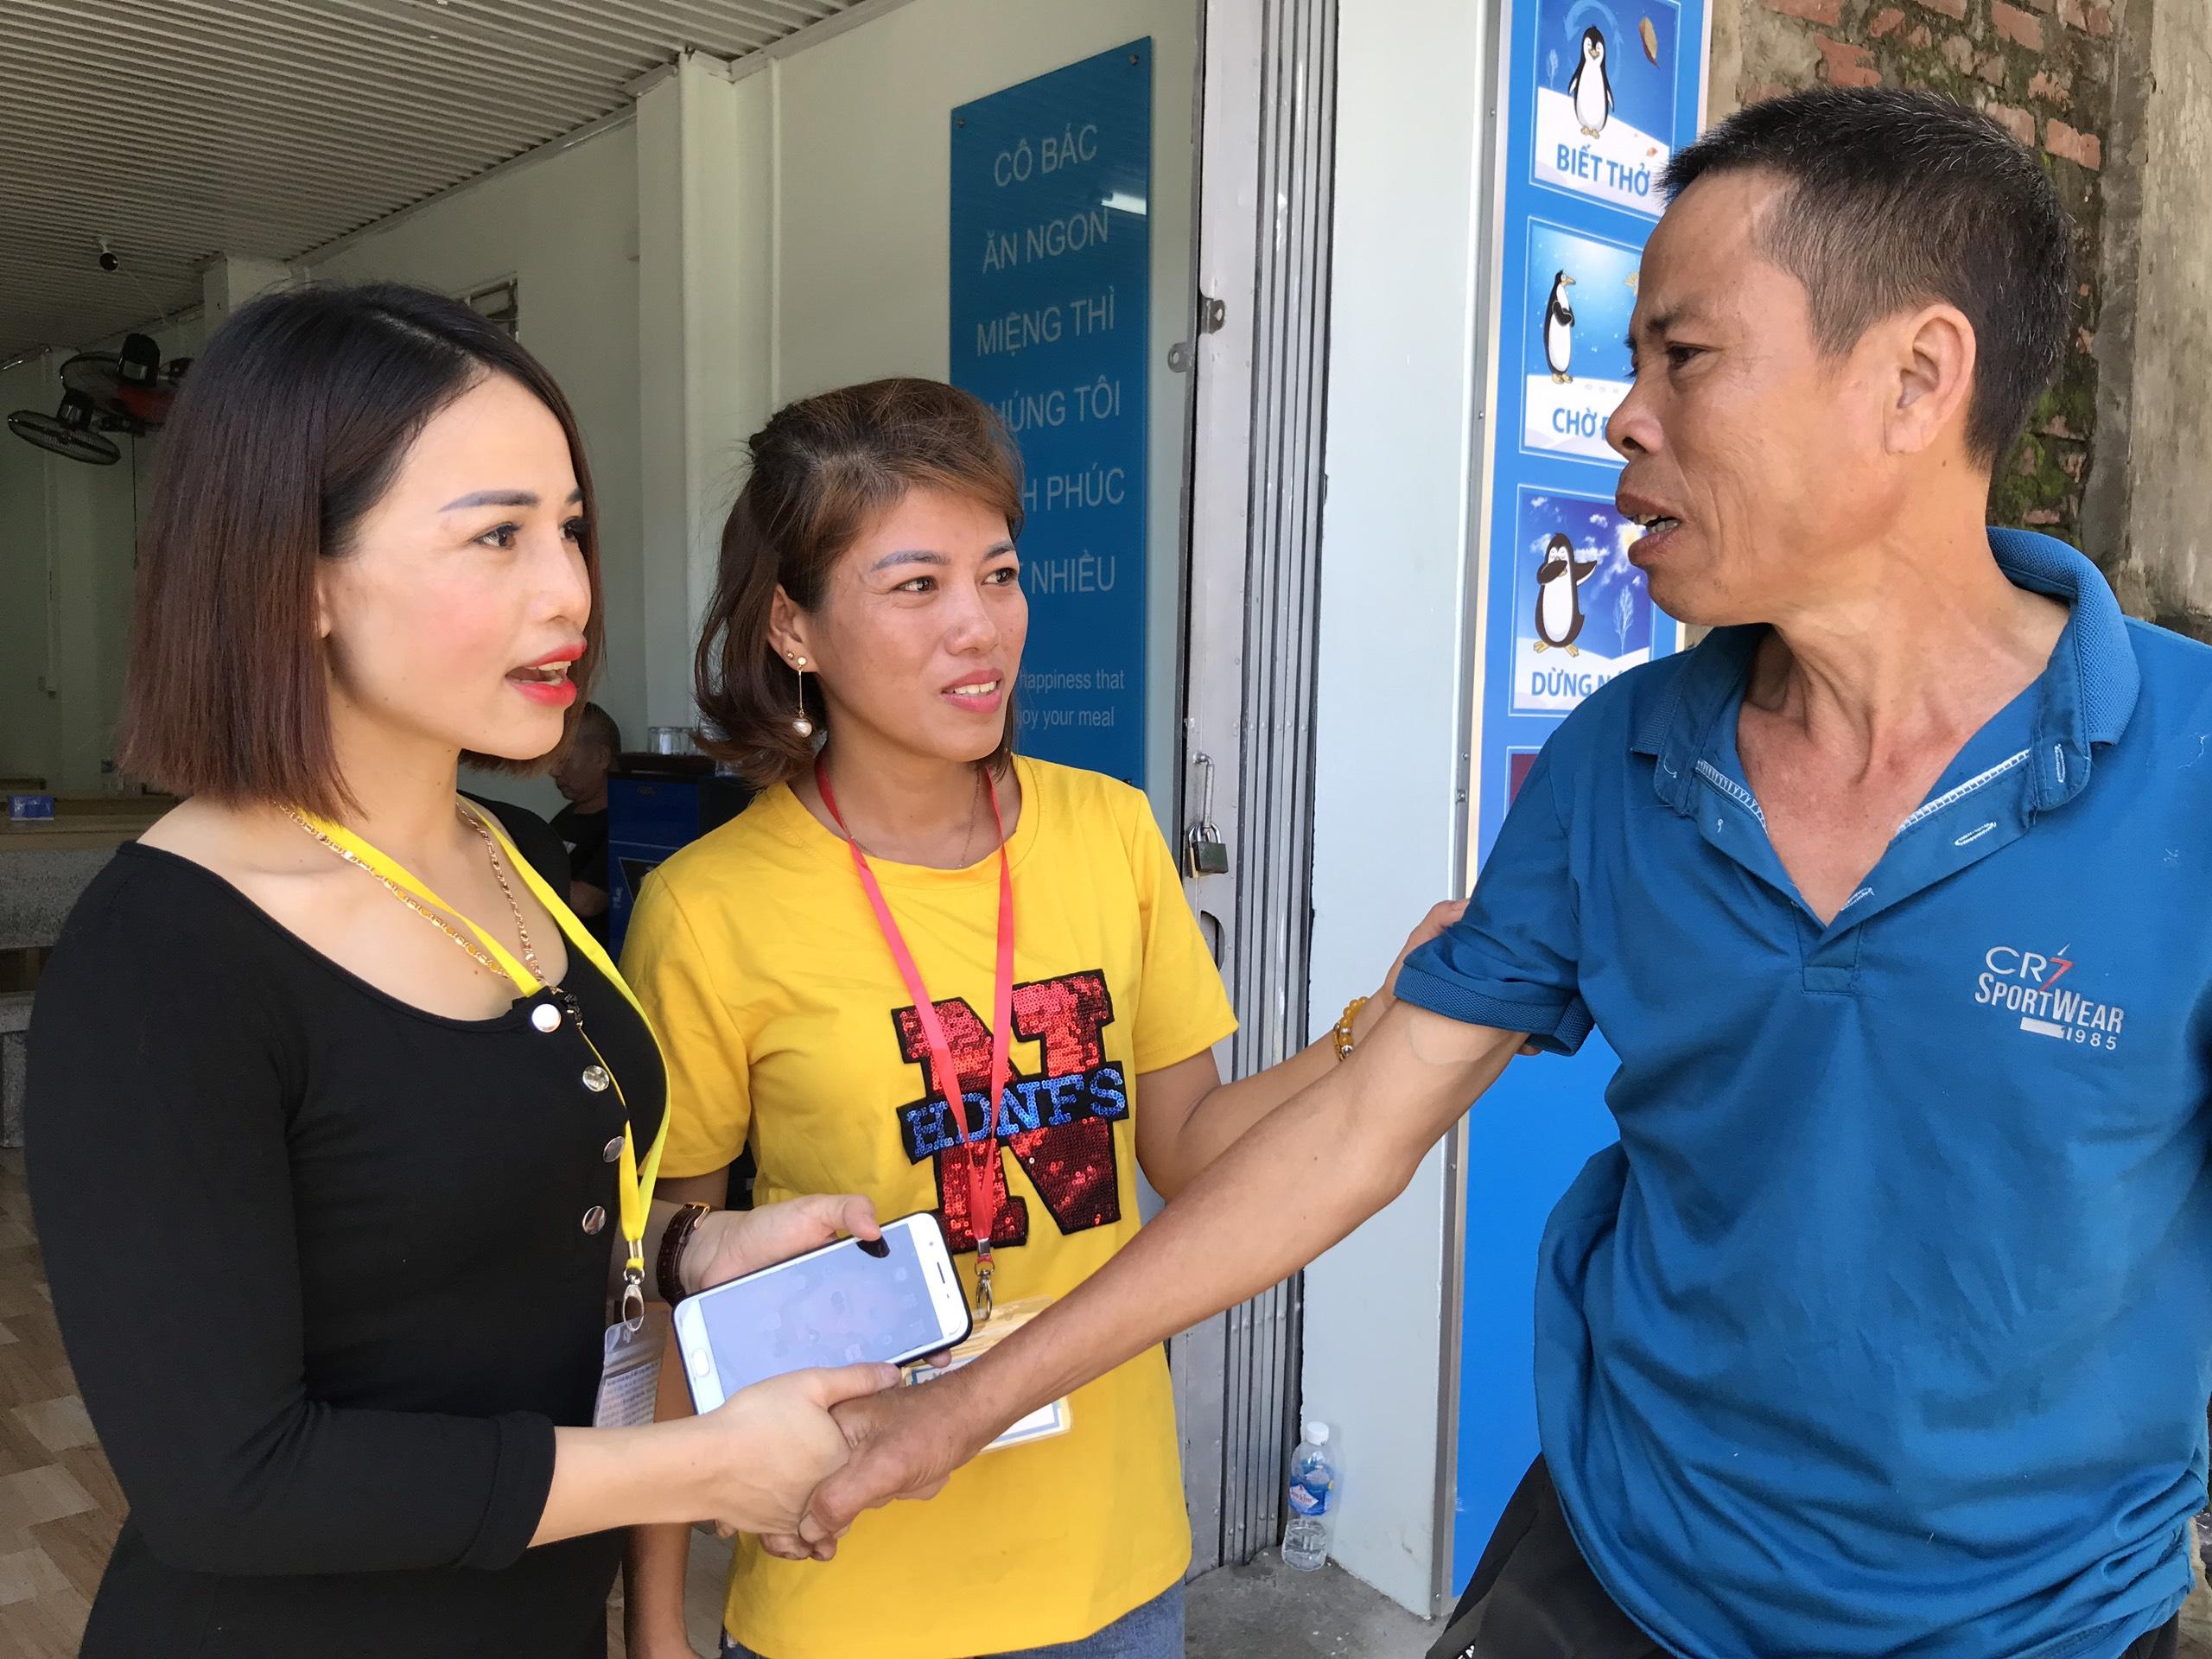 Quán cơm 2000 đồng đầu tiên ở Nghệ An: Ai không có tiền vẫn mời họ vào ăn - Ảnh 17.